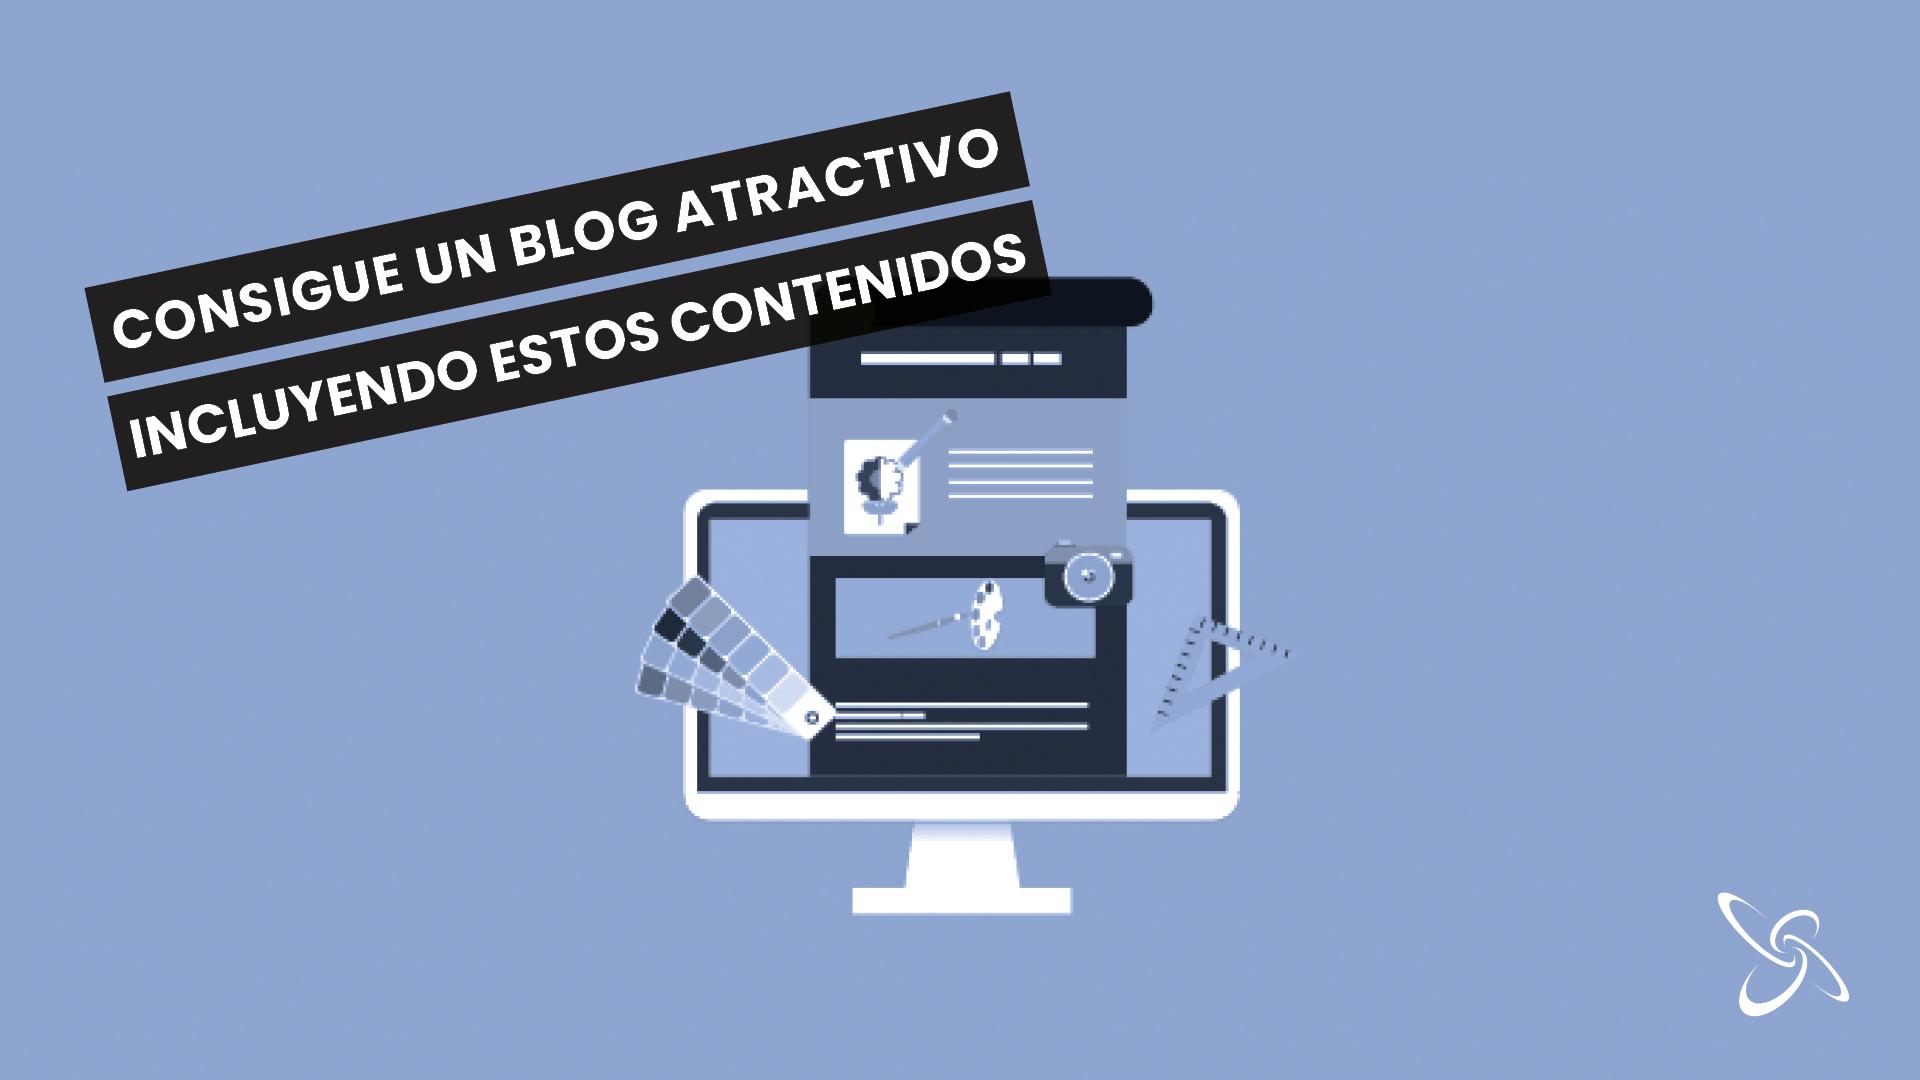 Consigue un blog atractivo incluyendo estos contenidos